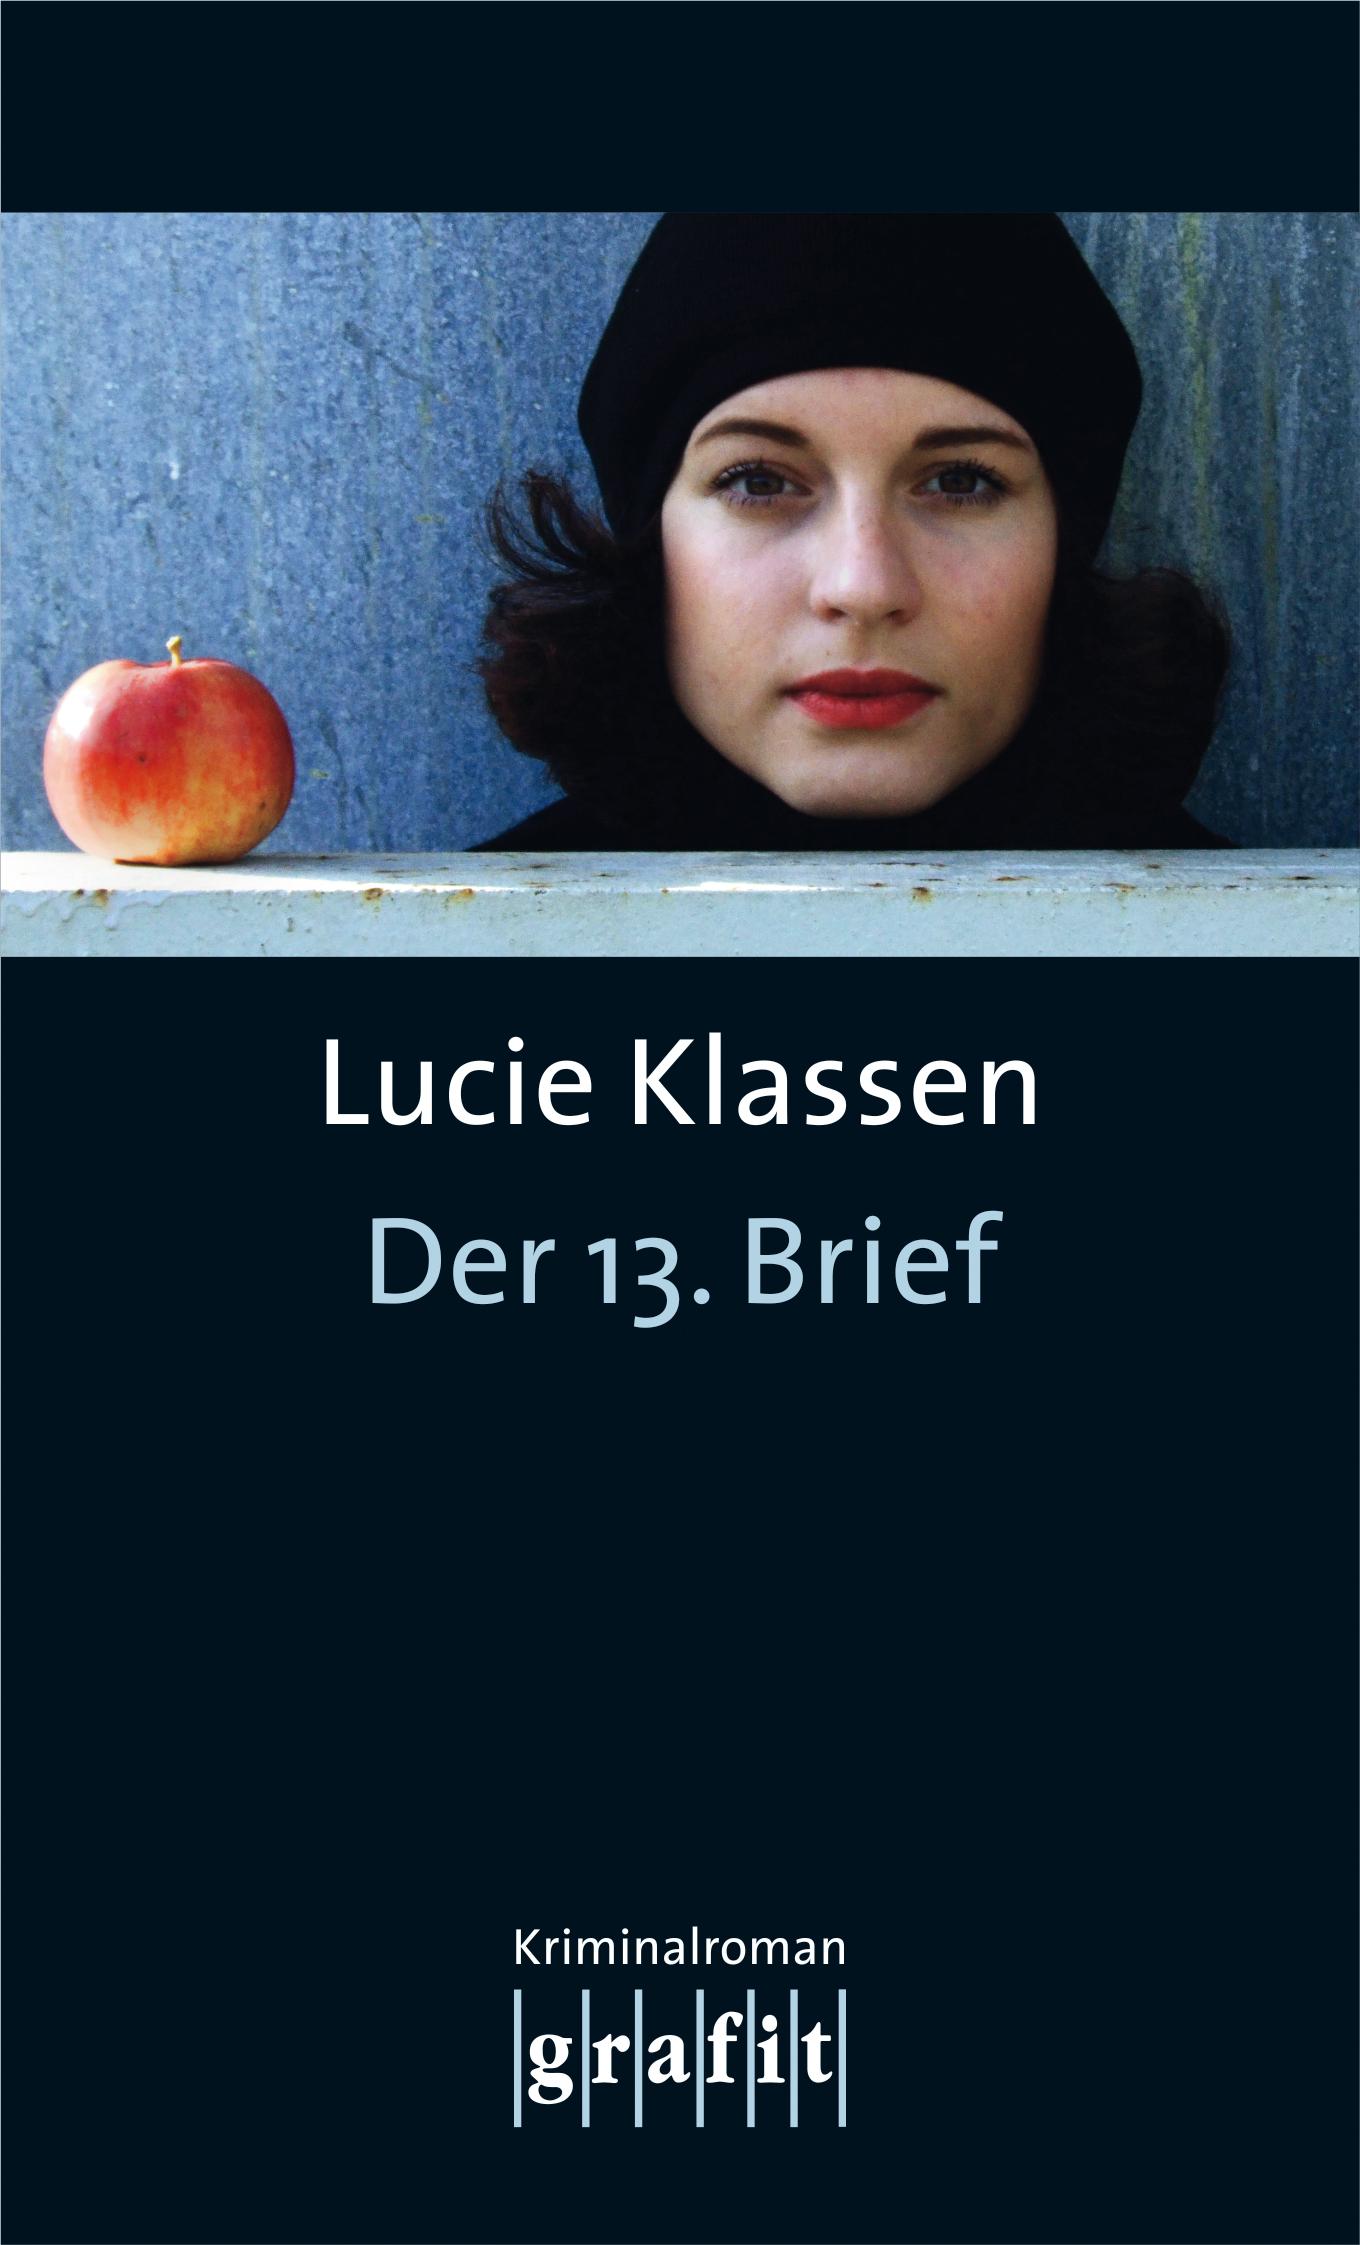 Der 13. Brief - Lucie Klassen